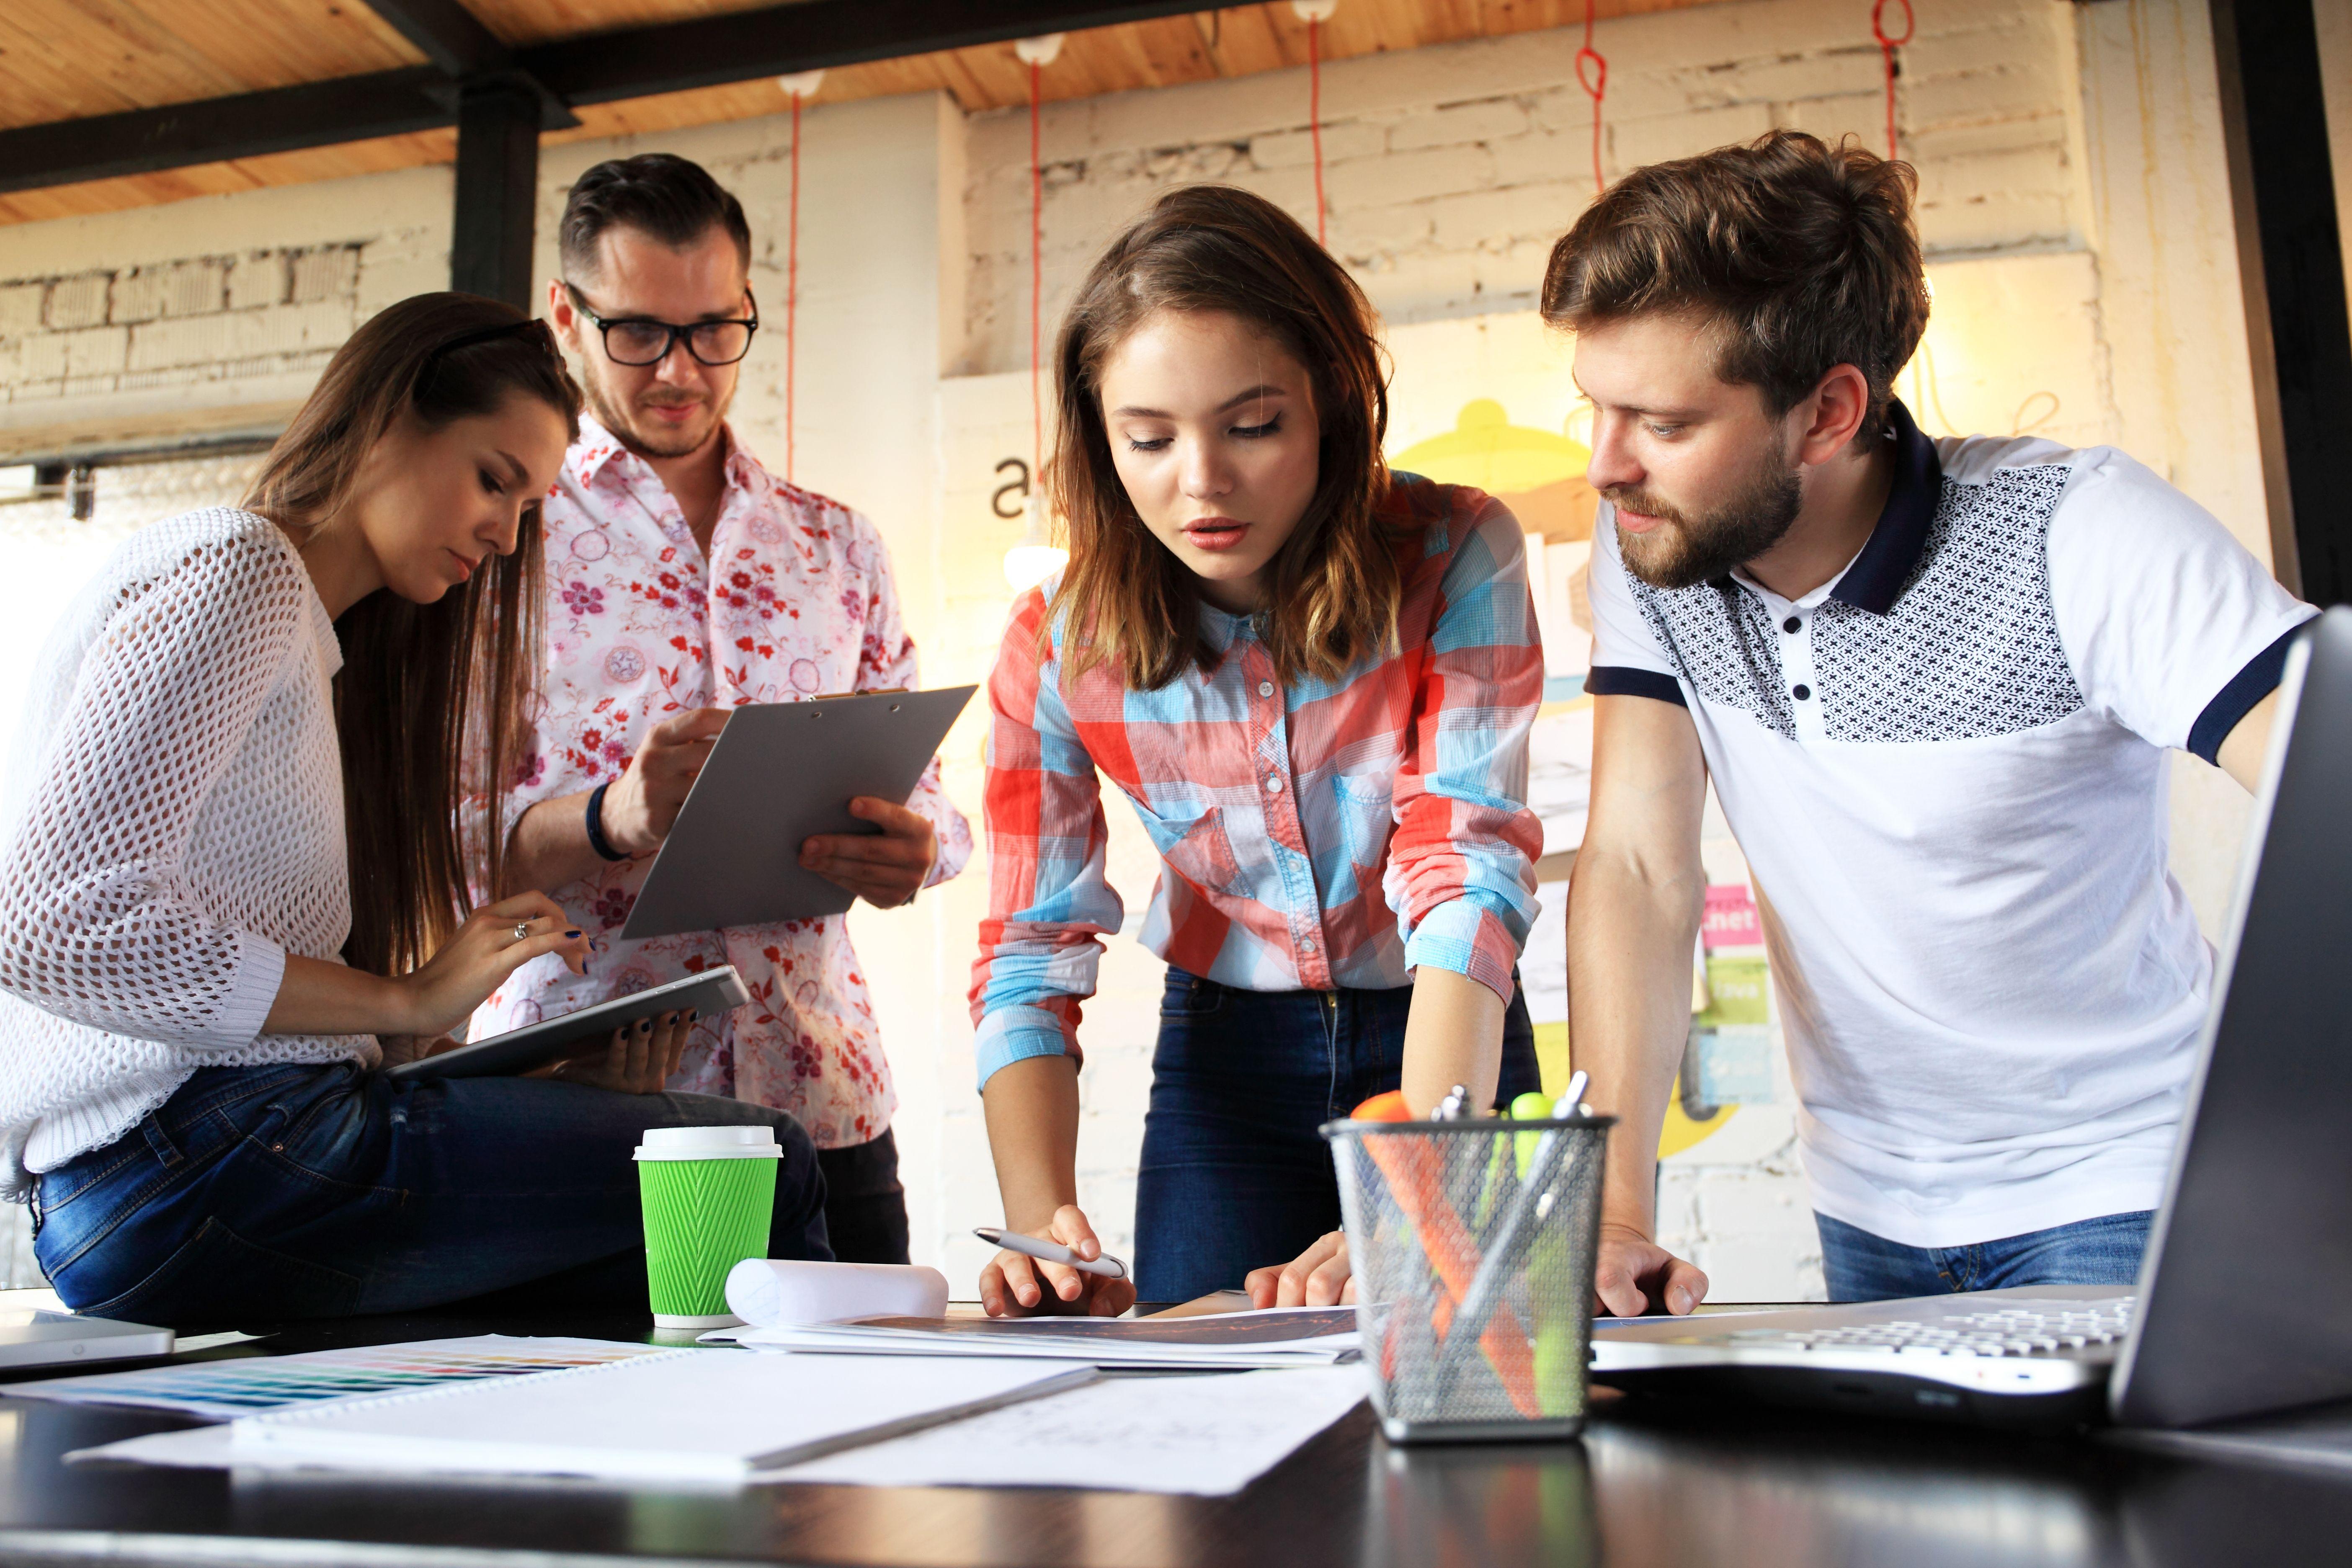 Kształcenie przez całe życie to obowiązek dla ludzi chcących rozwijać swoje życie zawodowe w trzeciej dekadzie XXI wieku (Fot. Shutterstock)